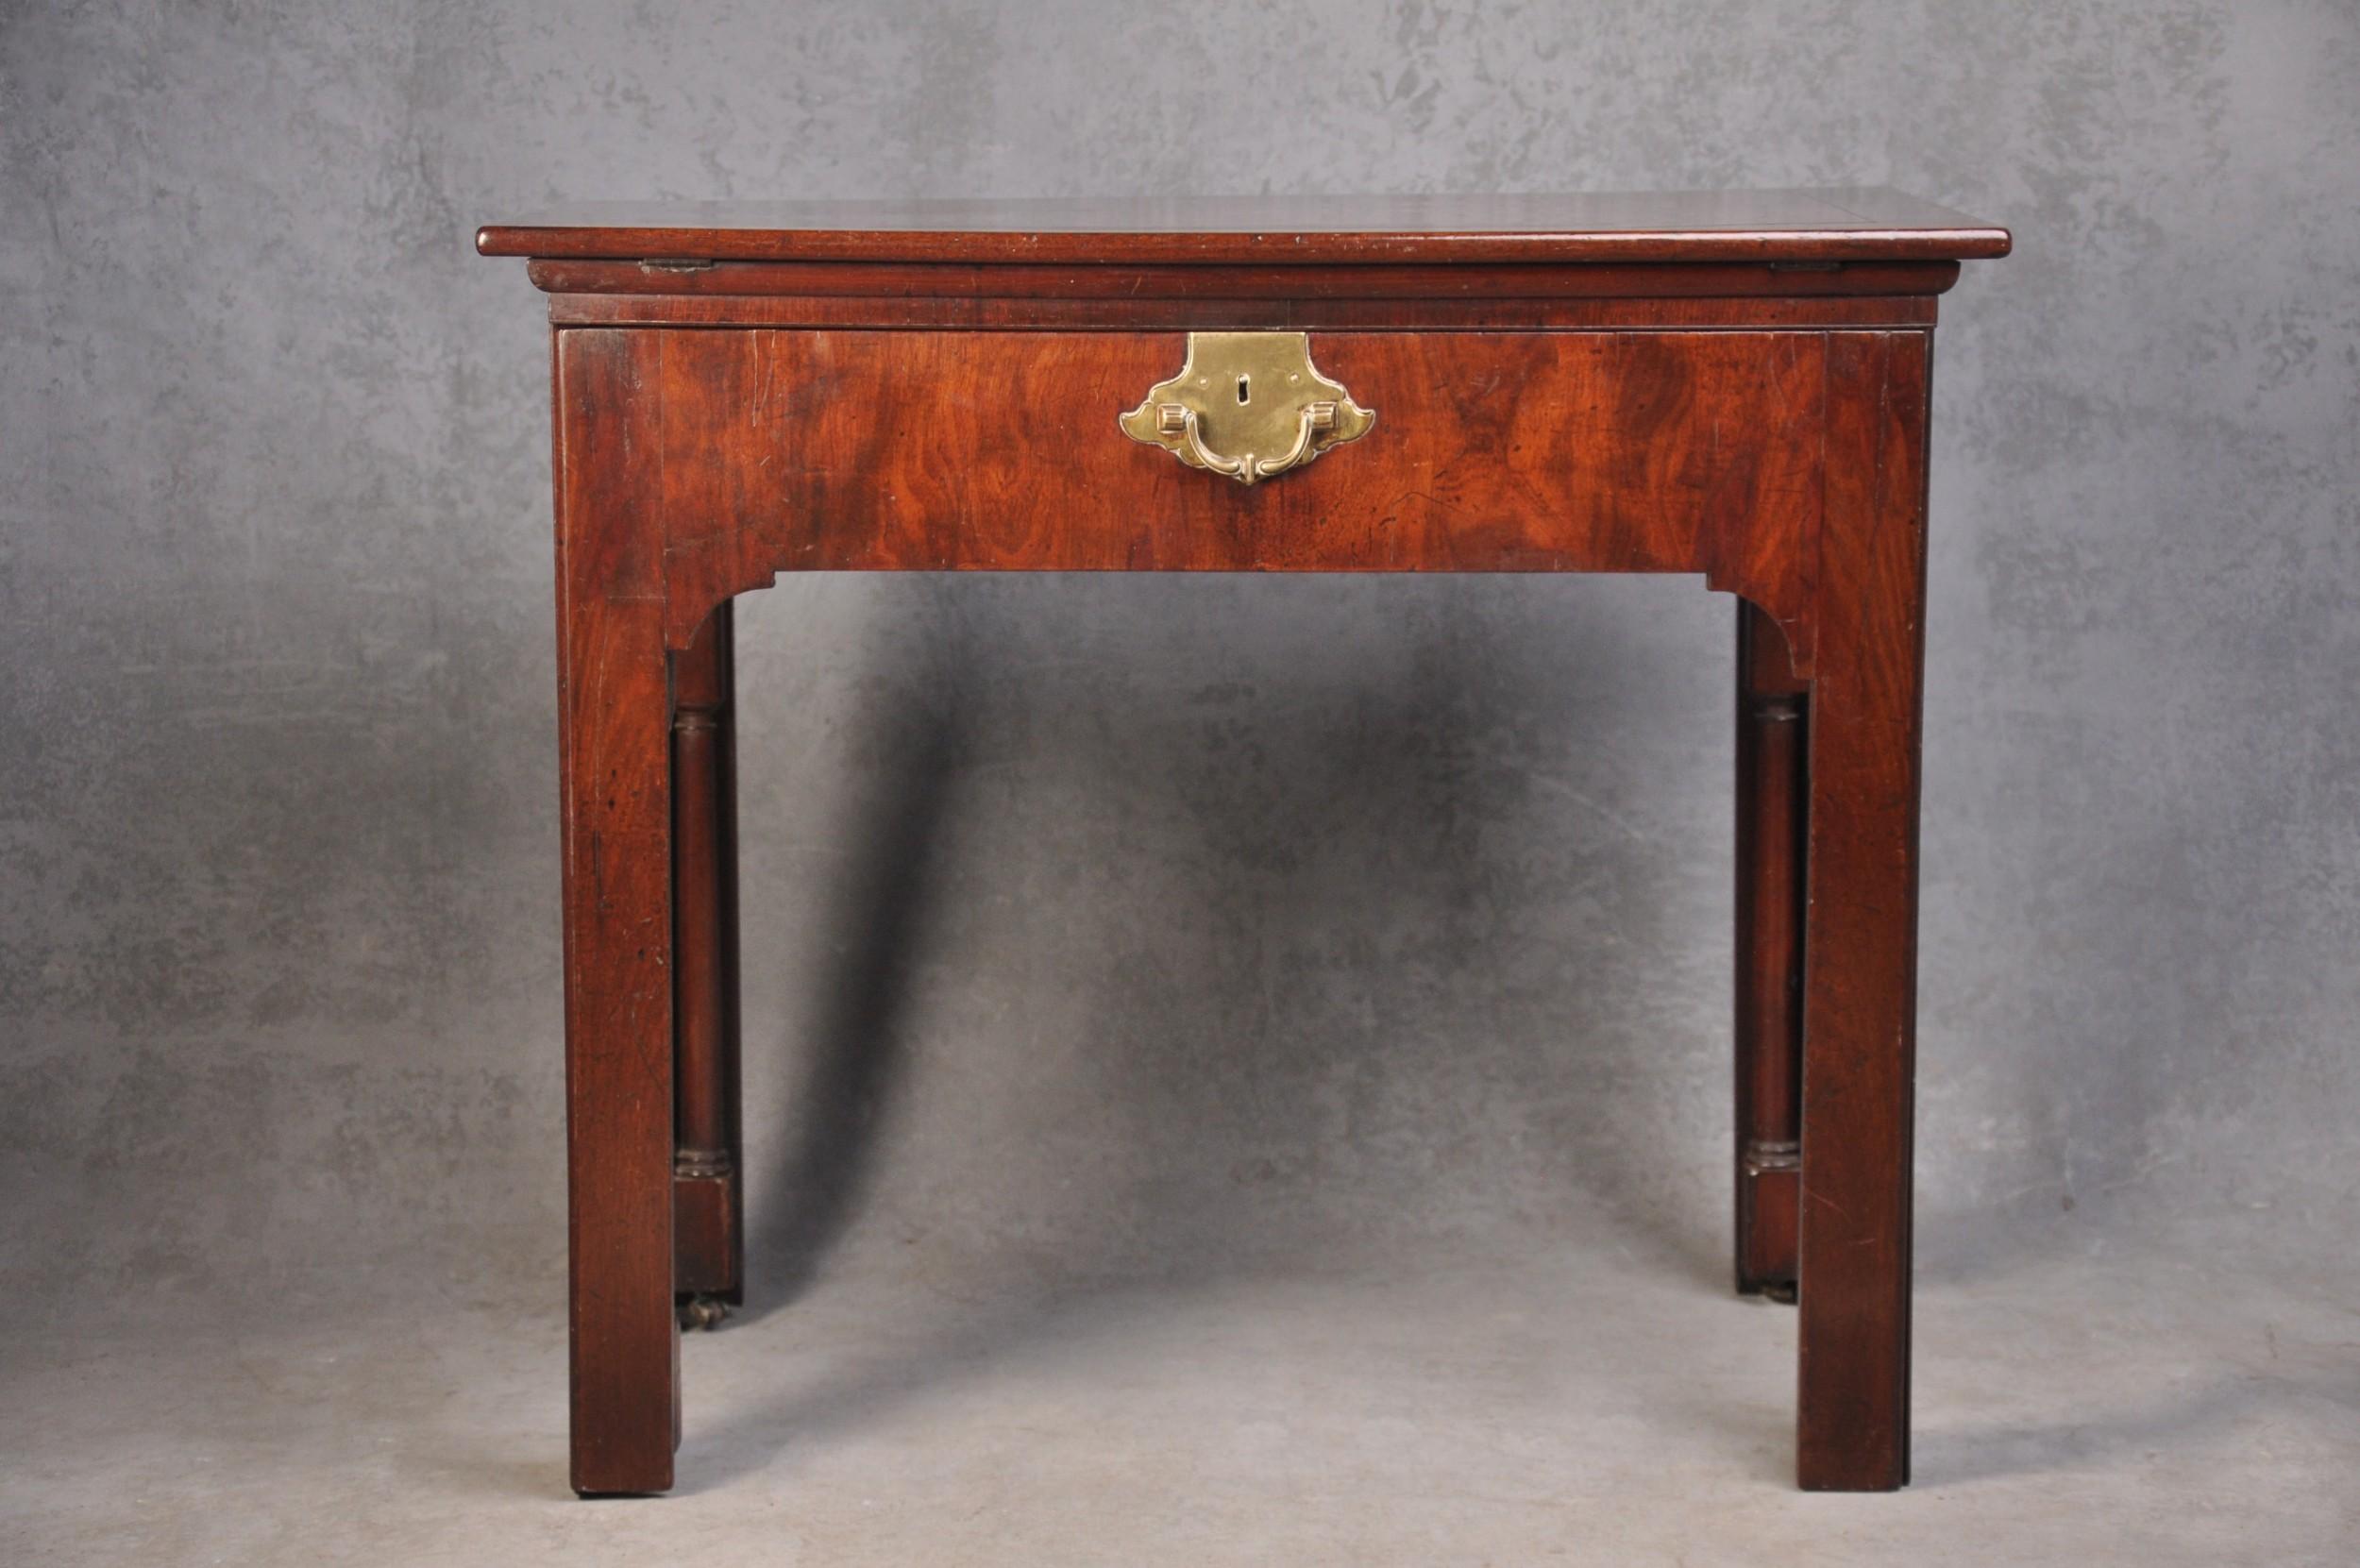 fine 18th century mahogany architect's table